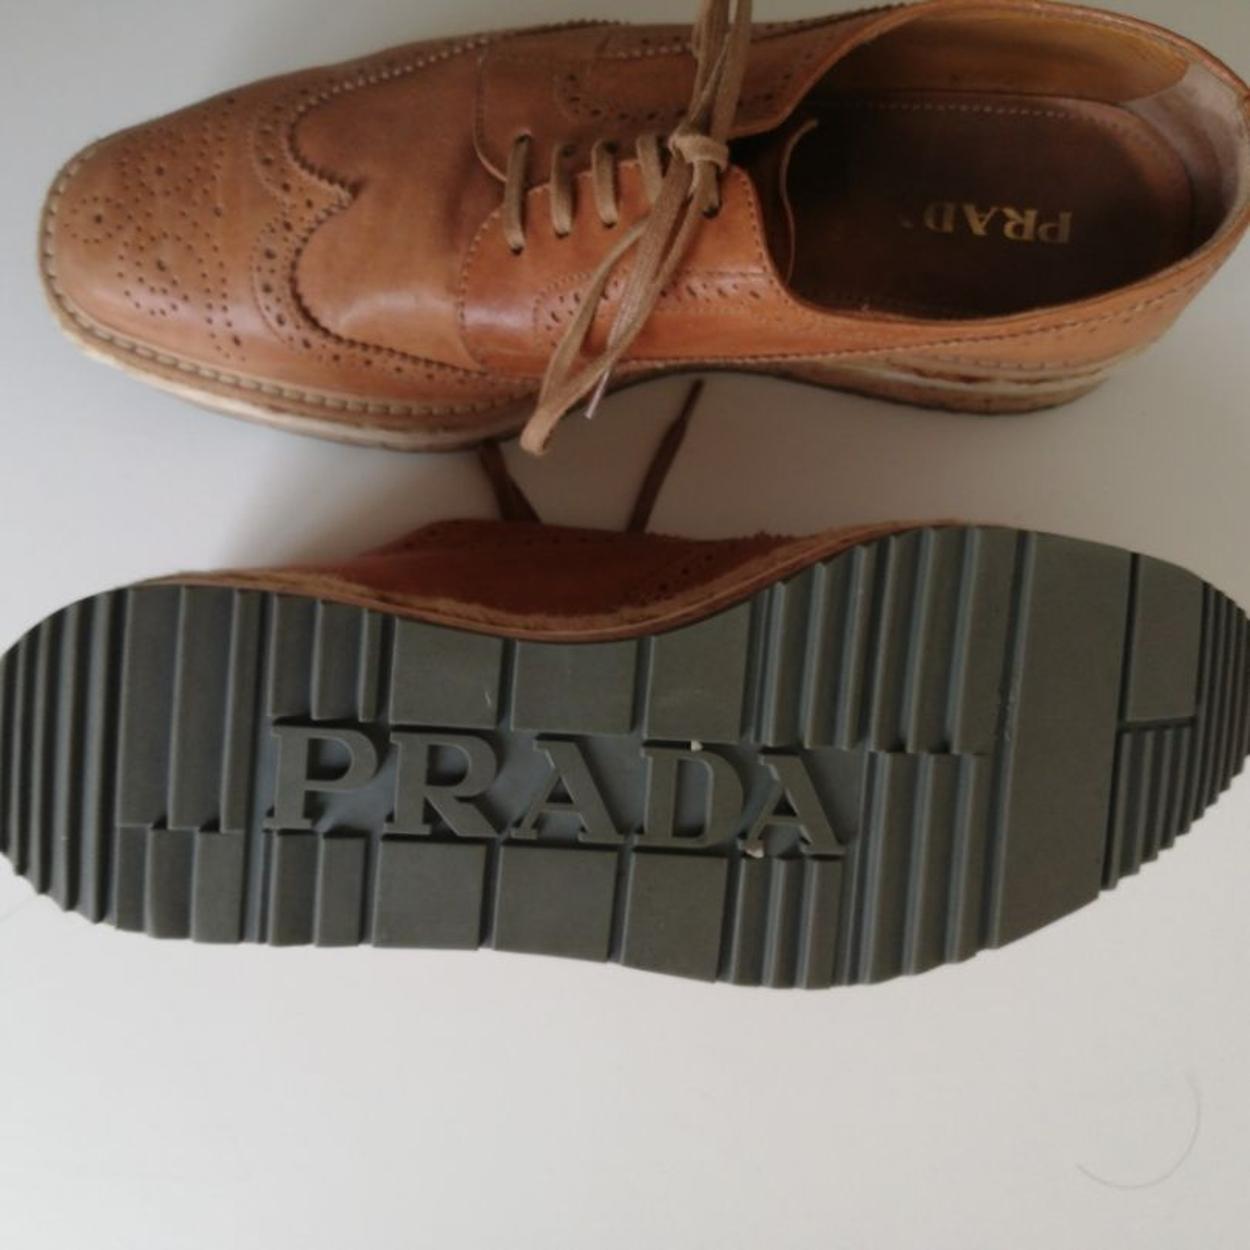 Prada Oxford/Loafer